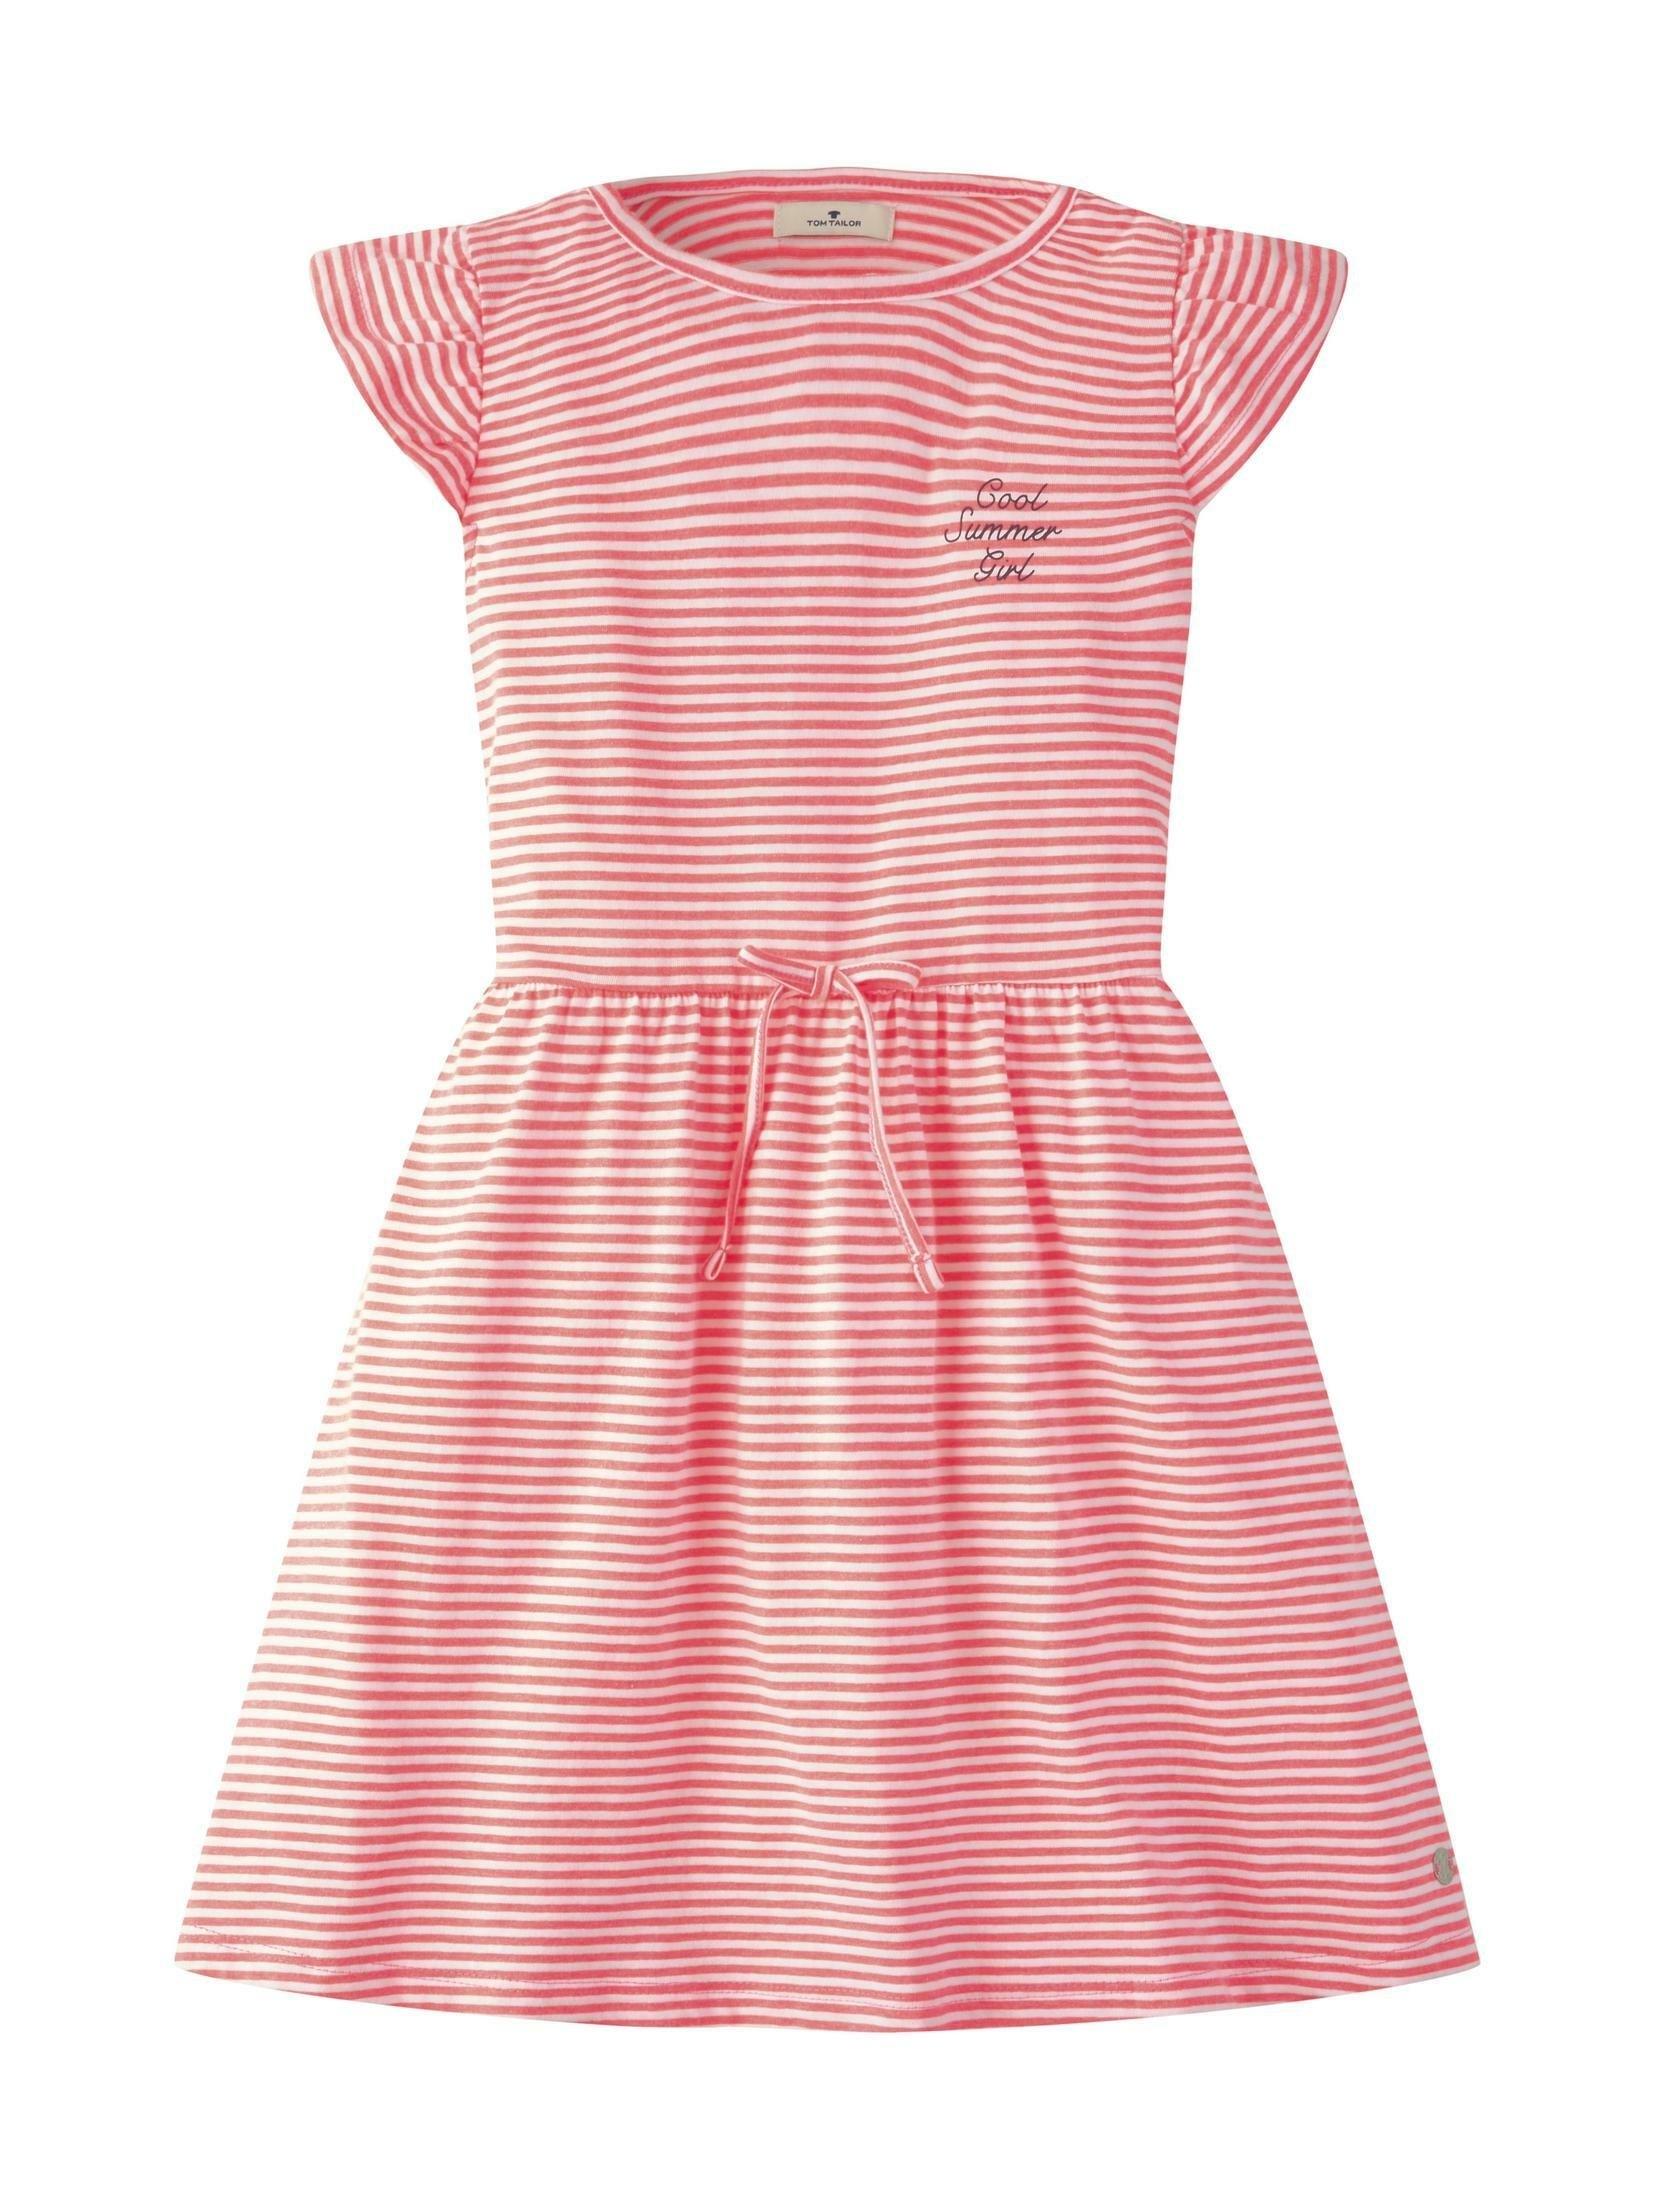 TOM TAILOR tricotjurk »Gestreepte jurk« voordelig en veilig online kopen